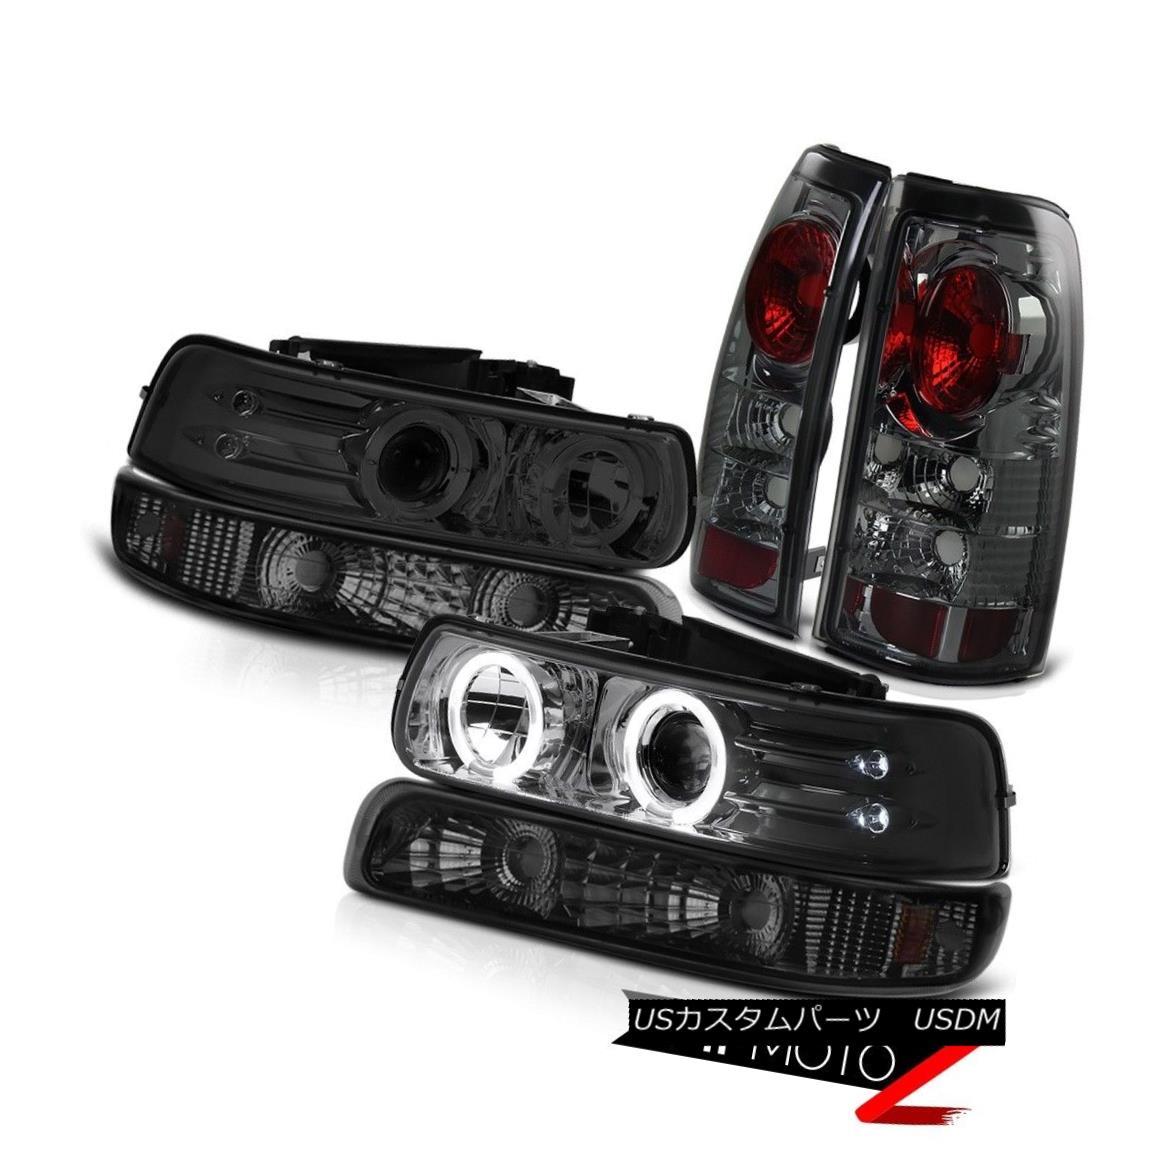 ヘッドライト Tinted Halo Headlights Bumper Tail Brake Light Lamps 99 00 01 02 Silverado 1500 有色ハローヘッドライトバンパーテールブレーキライトランプ99 00 01 02シルバラード1500